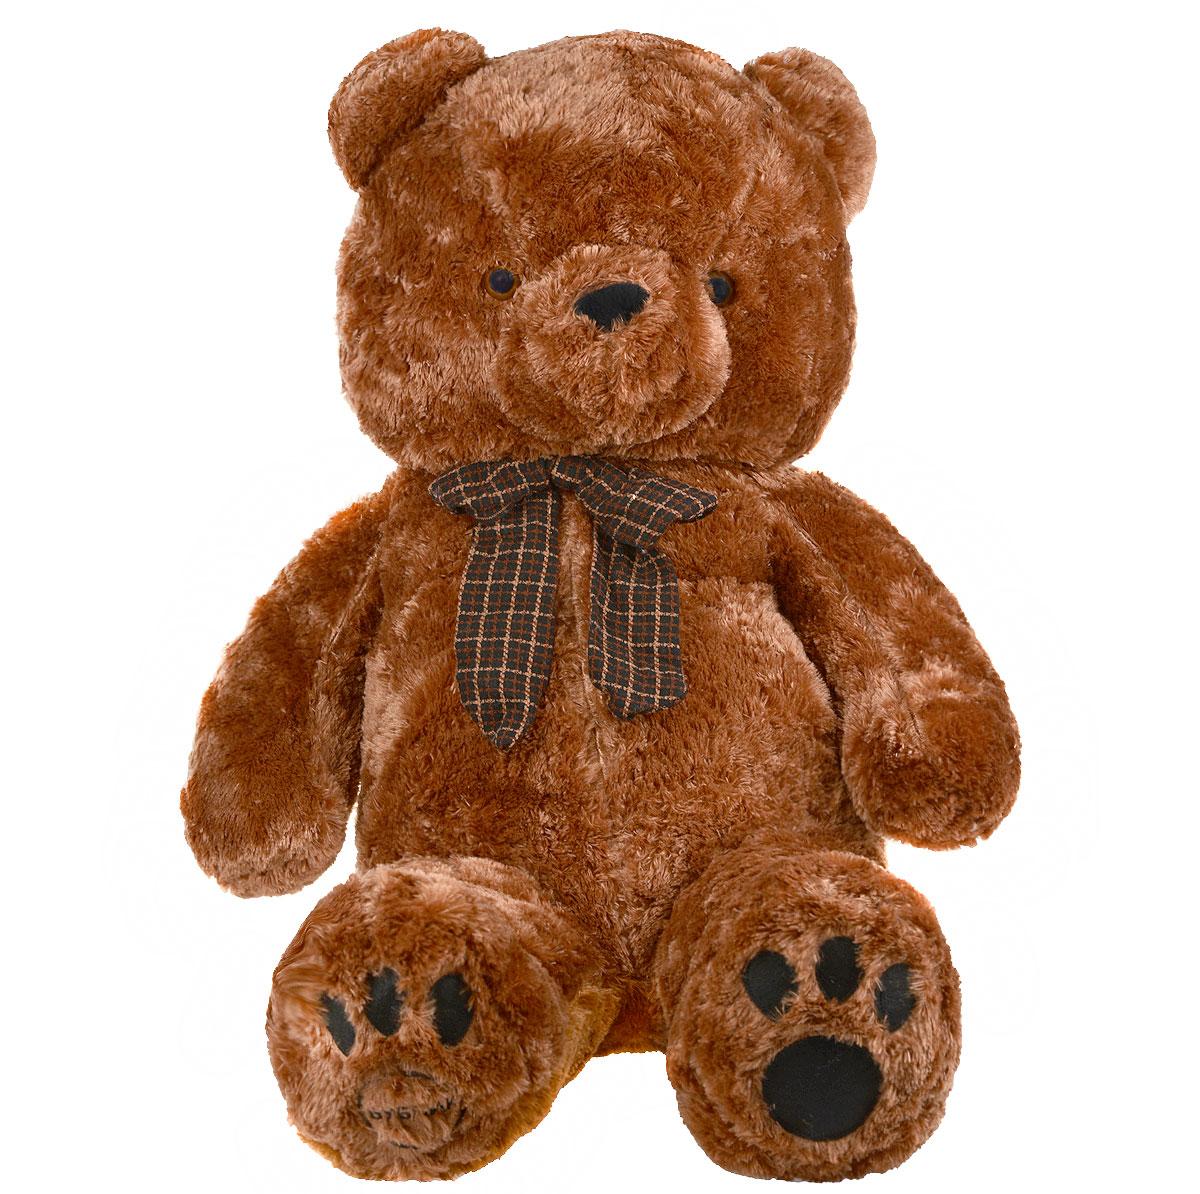 Мягкая игрушка Magic Bear Toys Медведь Бублик, цвет: коричневый, 140 смSAV1224-3Очаровательная мягкая игрушка Magic Bear Toys Медведь Бублик, выполненная из высококачественных нетоксичных материалов в виде медвежонка коричневого цвета с бантиком на шее, вызовет умиление и улыбку у каждого, кто ее увидит. Удивительно мягкая игрушка принесет радость и подарит своему обладателю мгновения нежных объятий и приятных воспоминаний. Великолепное качество исполнения делают эту игрушку чудесным подарком к любому празднику.